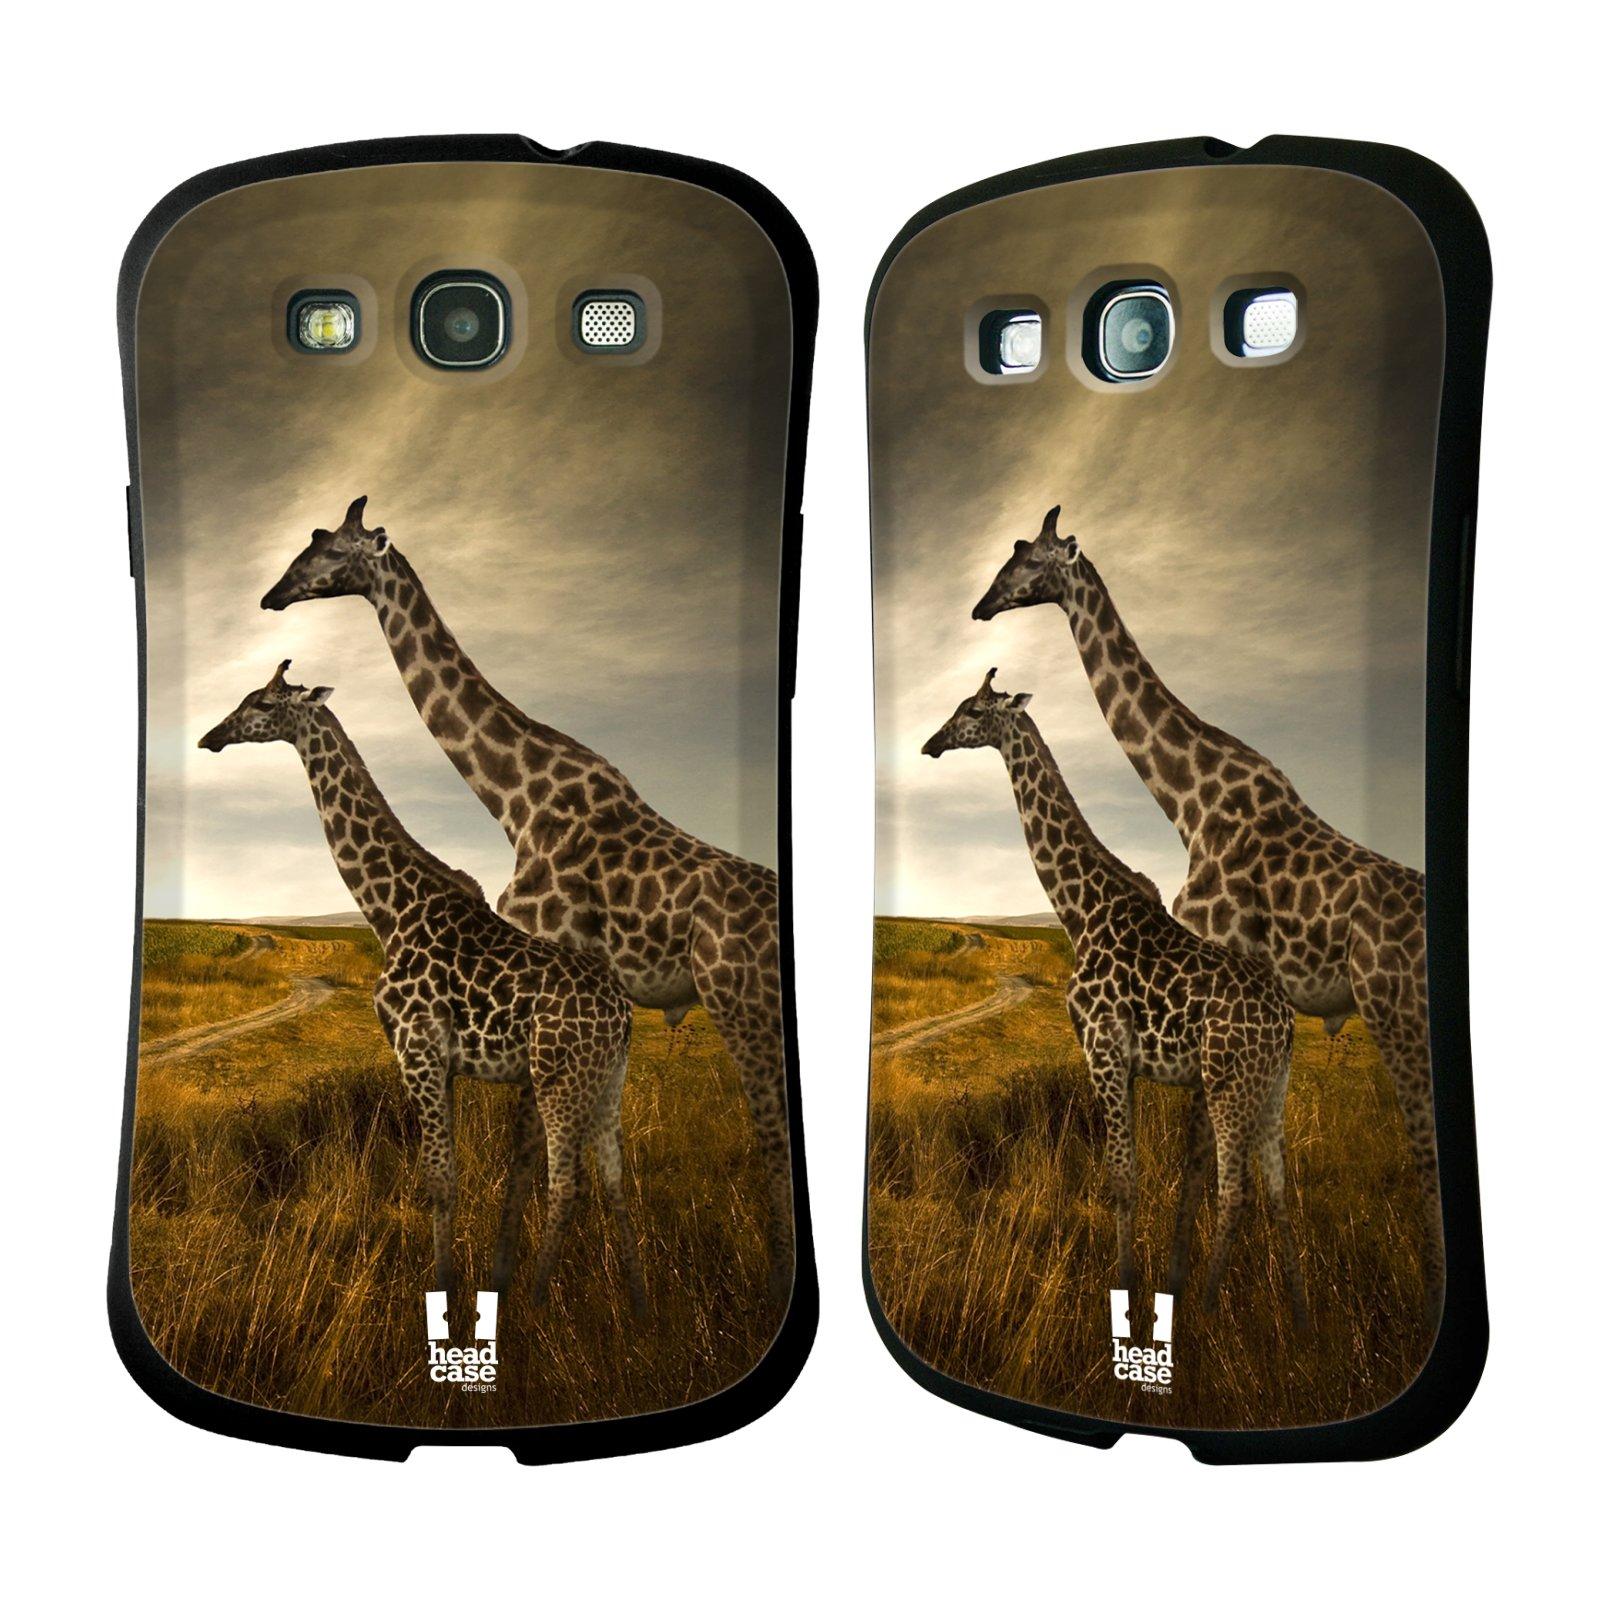 HEAD CASE silikon/plast odolný obal na mobil Samsung Galaxy S3 vzor Divočina, Divoký život a zvířata foto AFRIKA ŽIRAFY VÝHLED